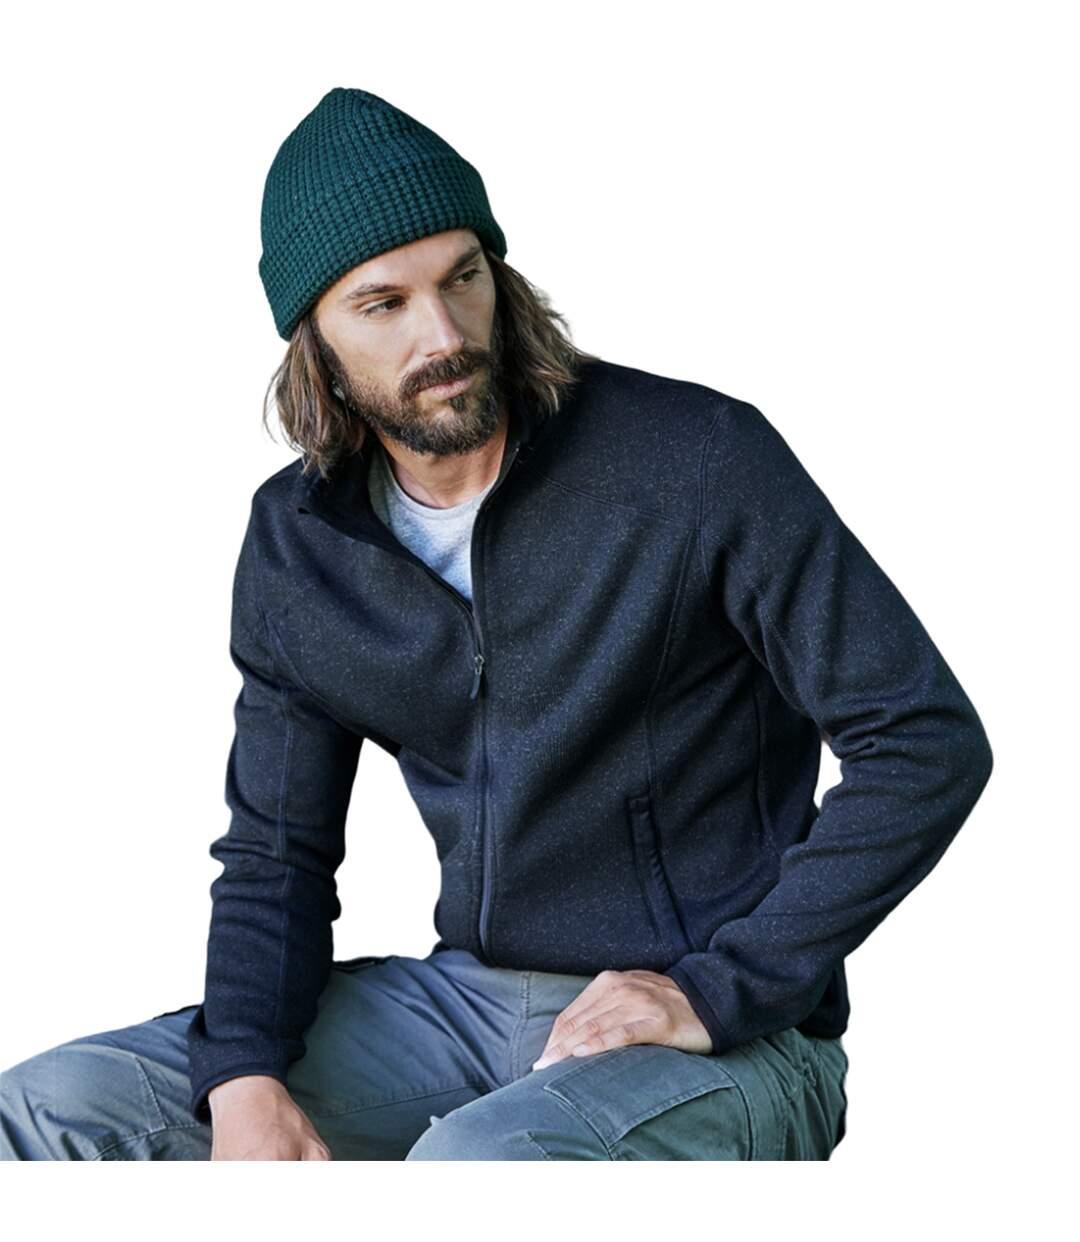 Tee Jays Mens Knitted Outdoor Fleece Jacket (Grey Melange) - UTPC3416